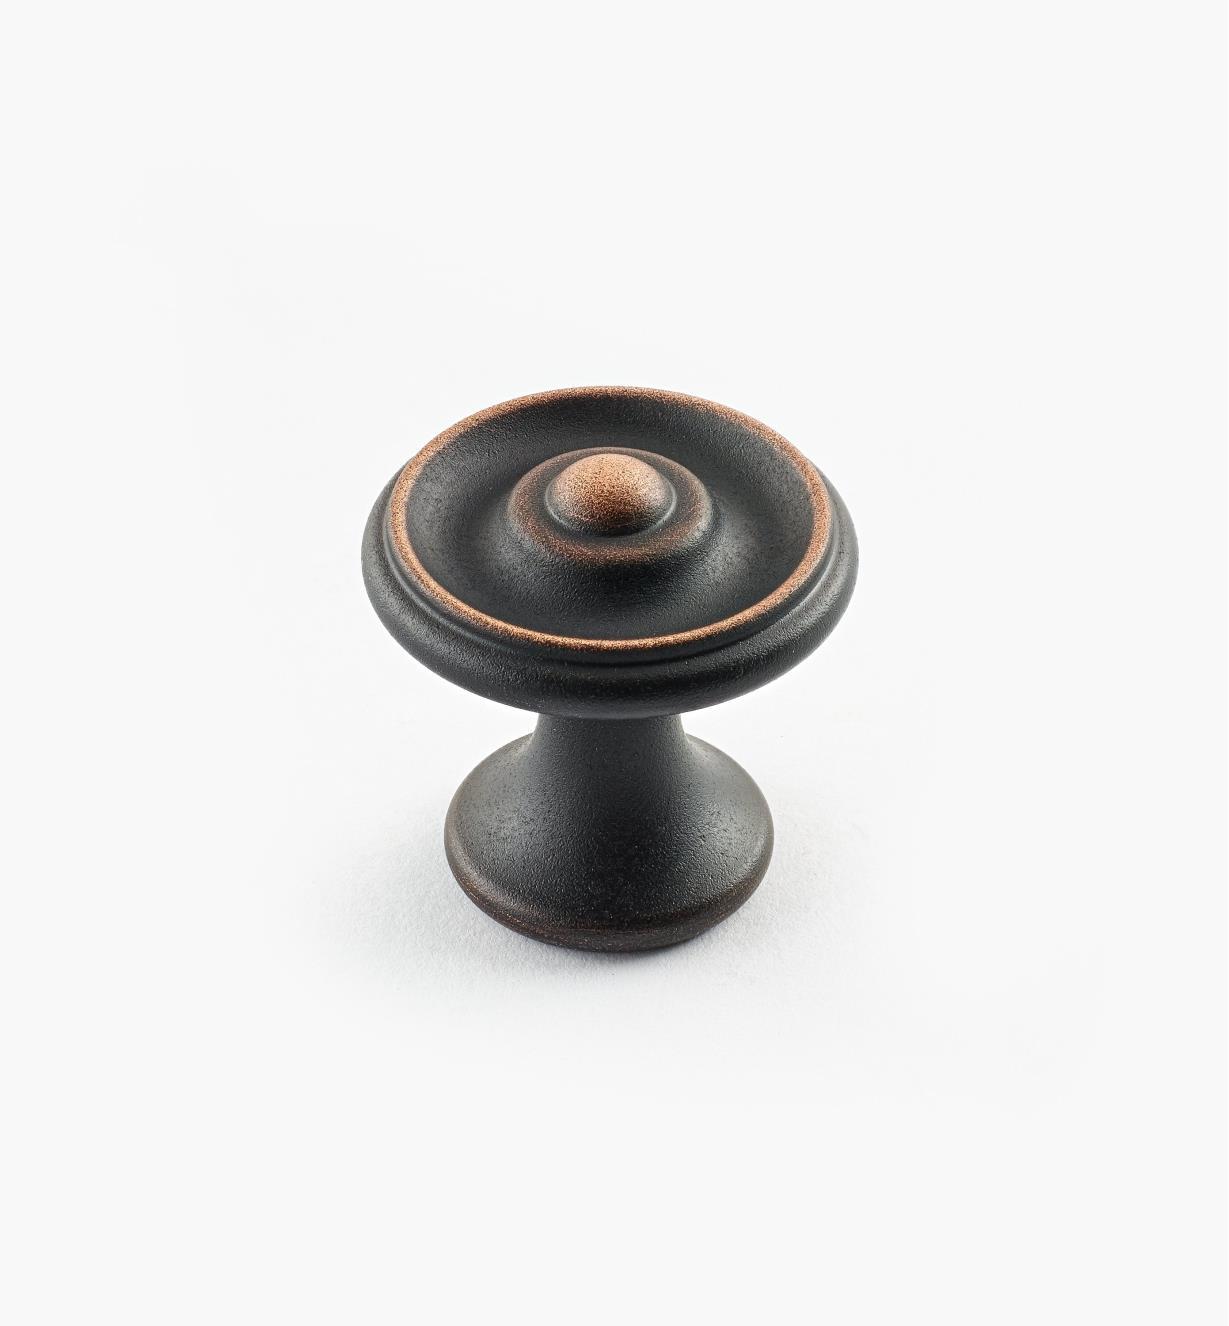 02W3261 - Bouton à bosselure centrale de 1 1/8 po x 1 1/8 po, série Vieux Bronze, laiton tourné